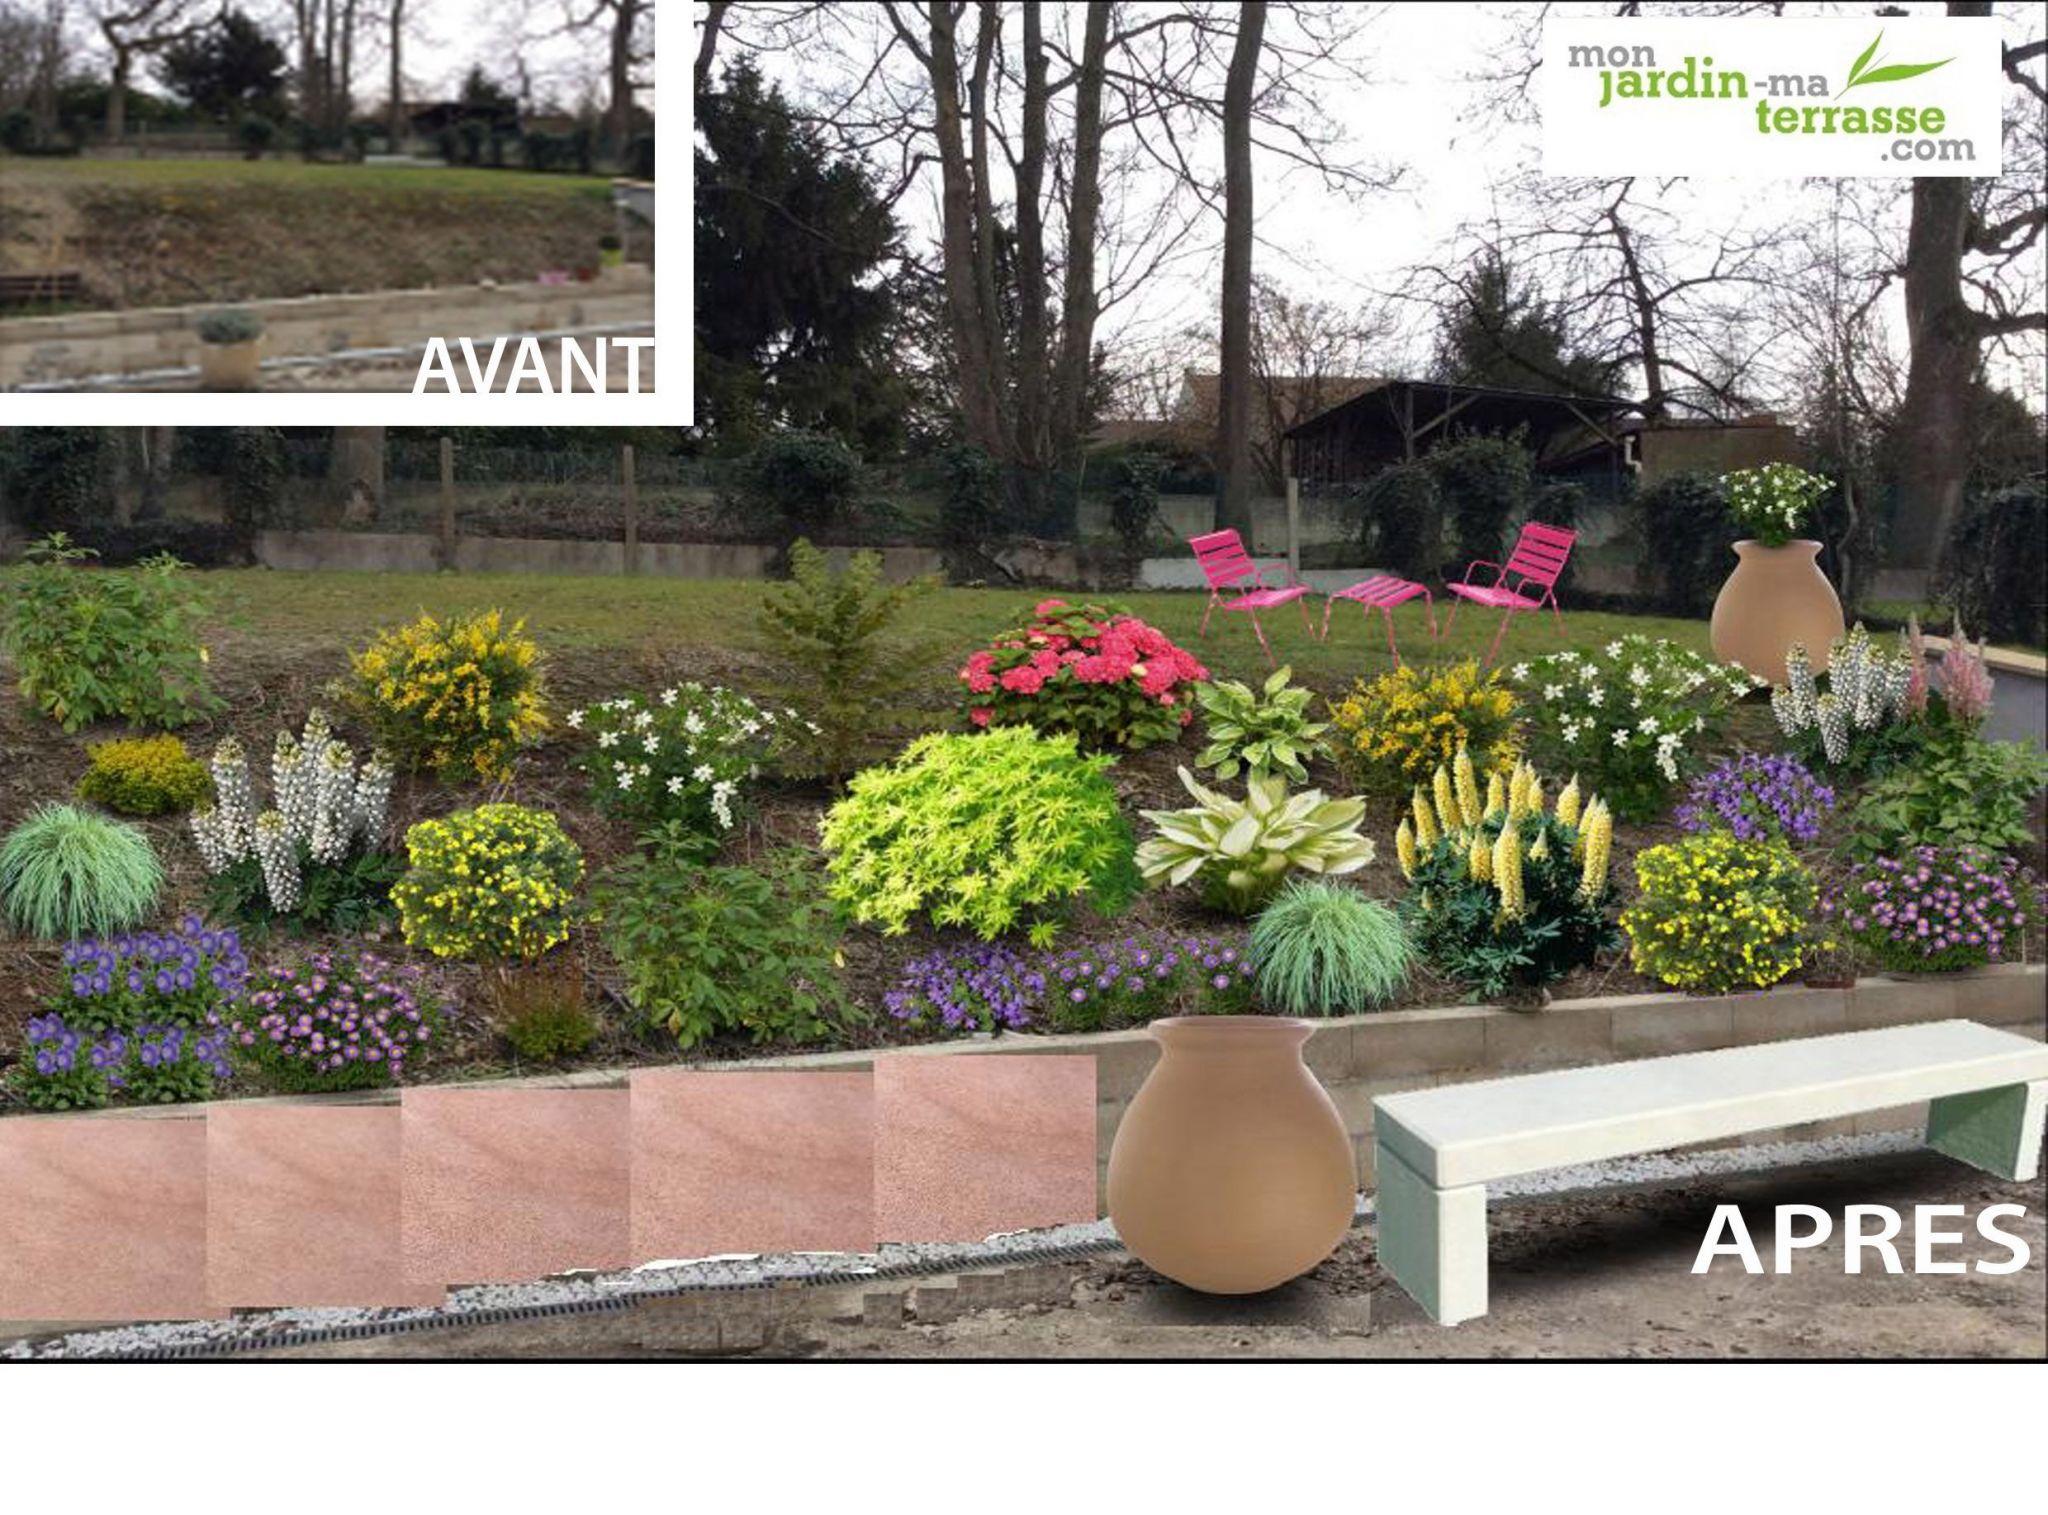 jardin des lices avec amenagement butte exterieur inspirant s mon amenagement jardin de jardin des lices